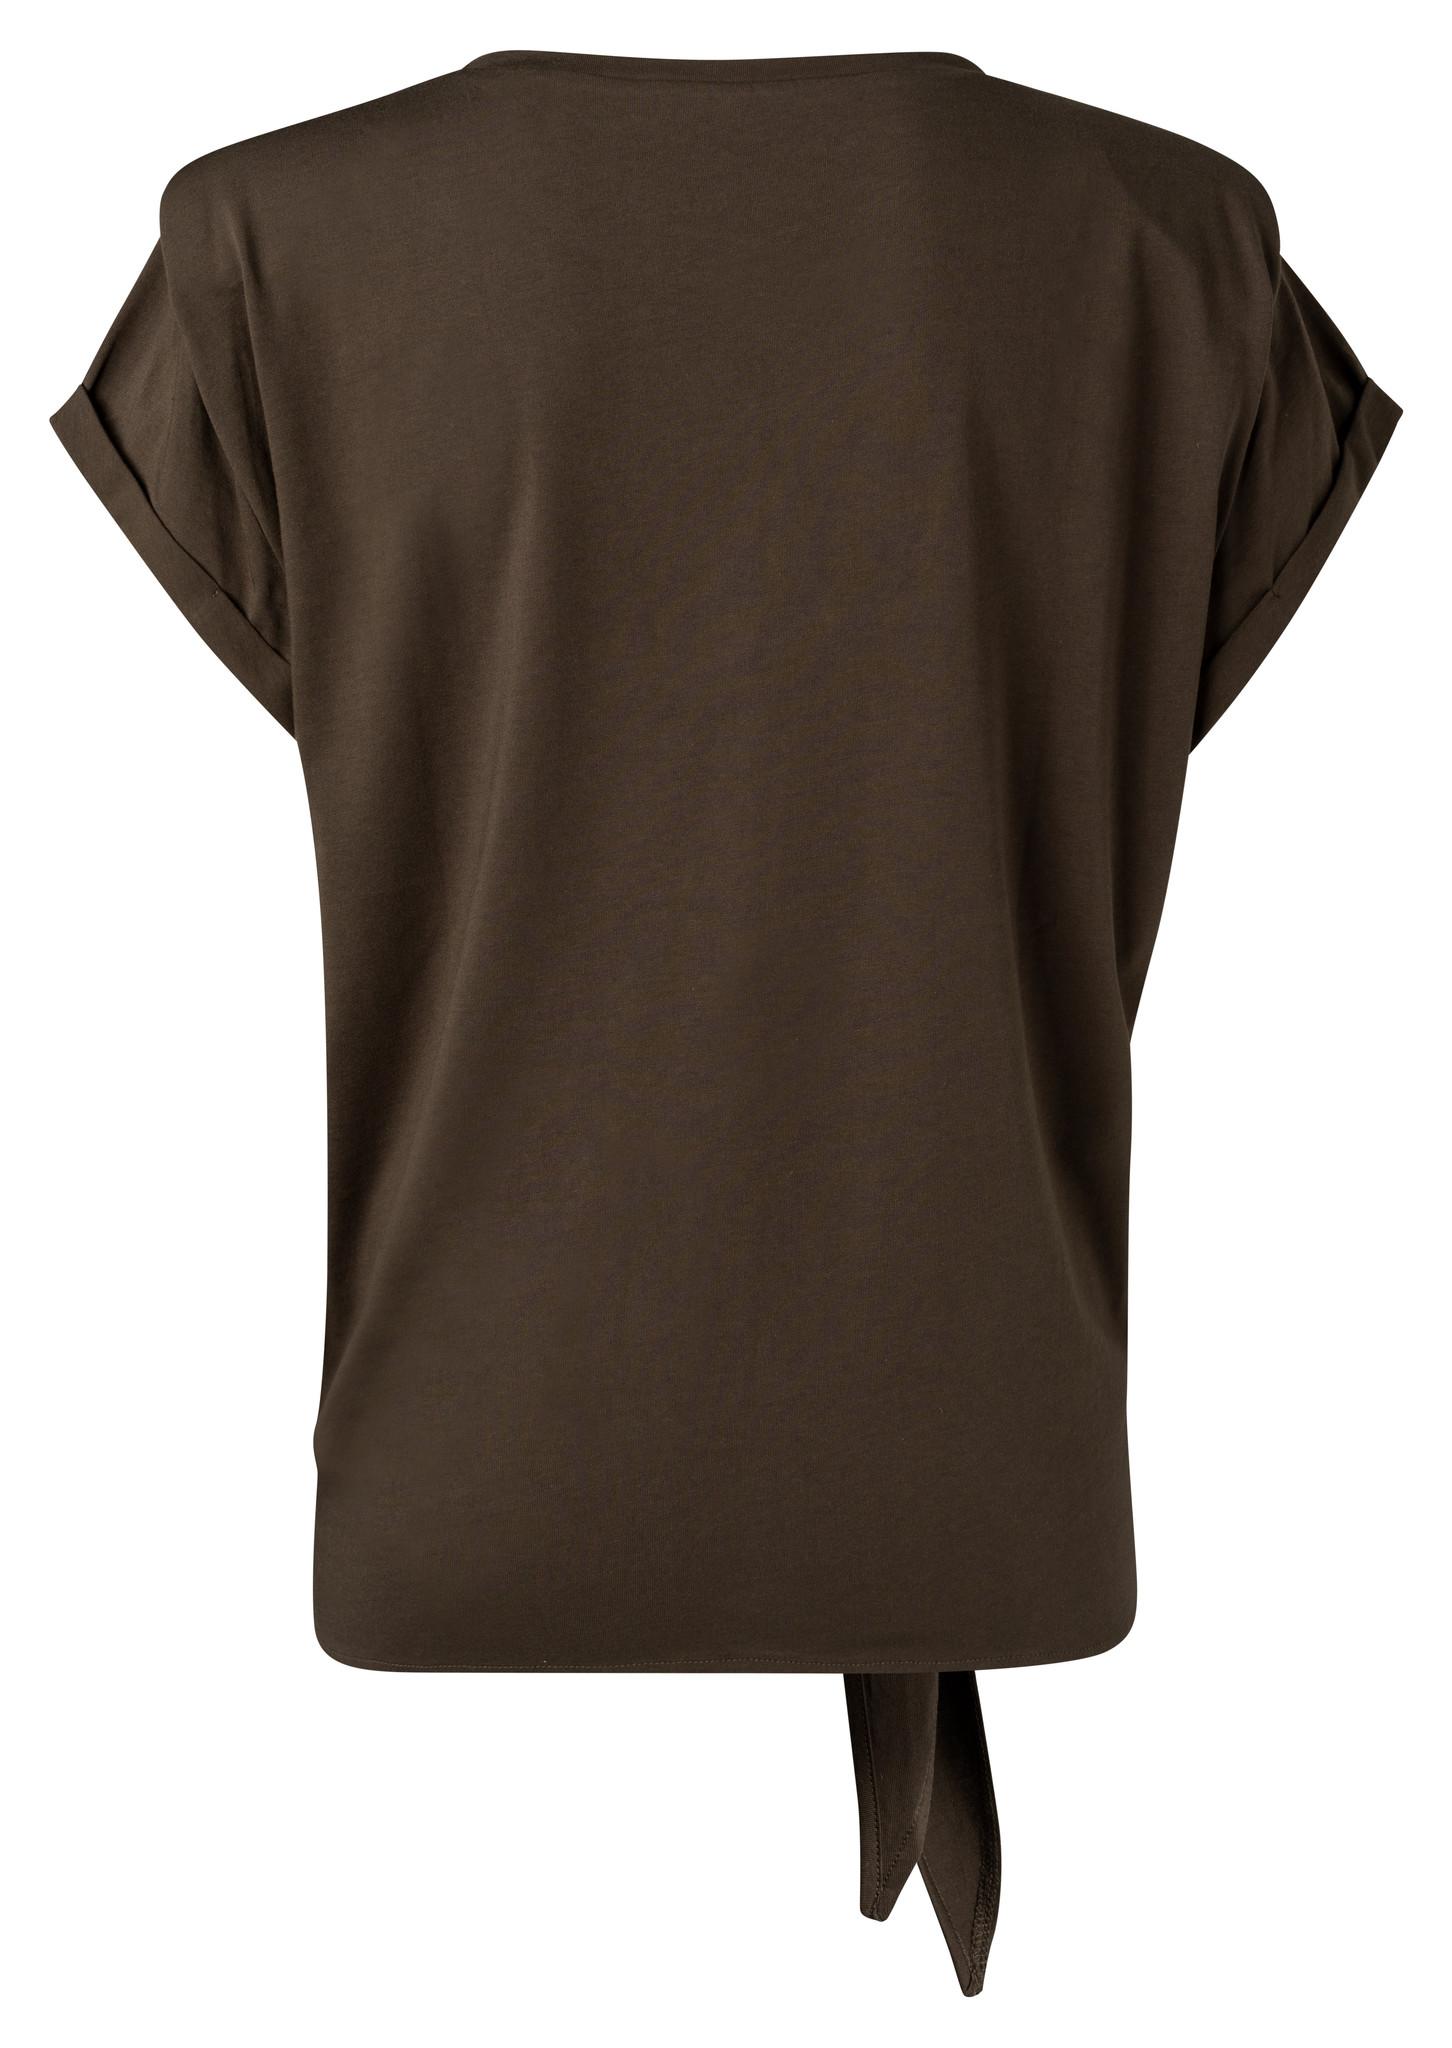 yaya Top with shoulder de 1909440-115-3